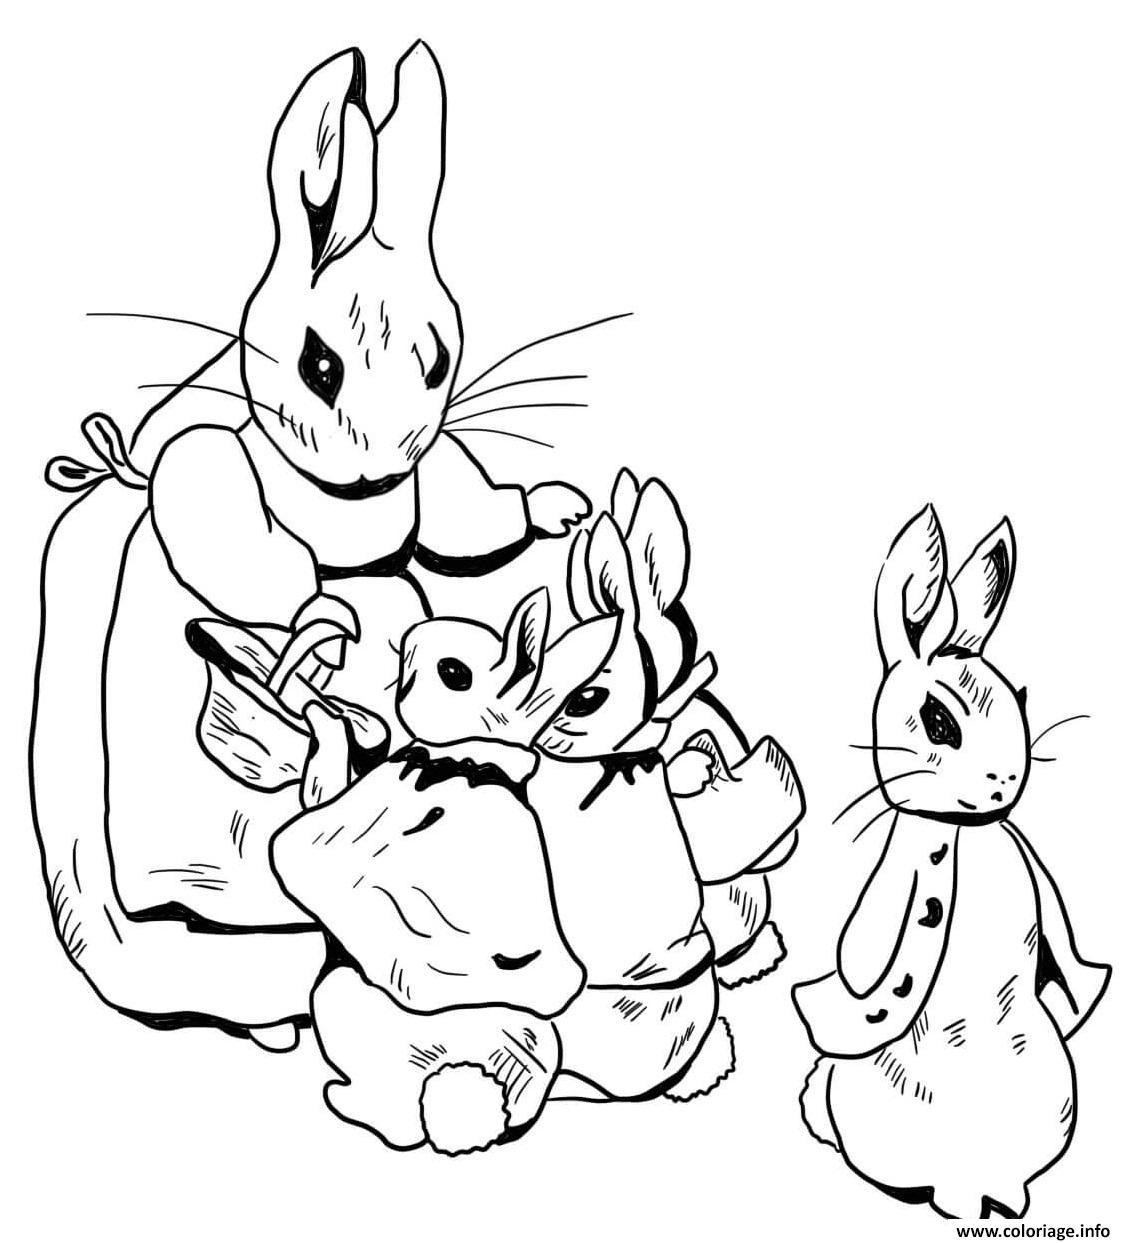 Dessin la famille de pierre lapin se prepare pour une marche Coloriage Gratuit à Imprimer